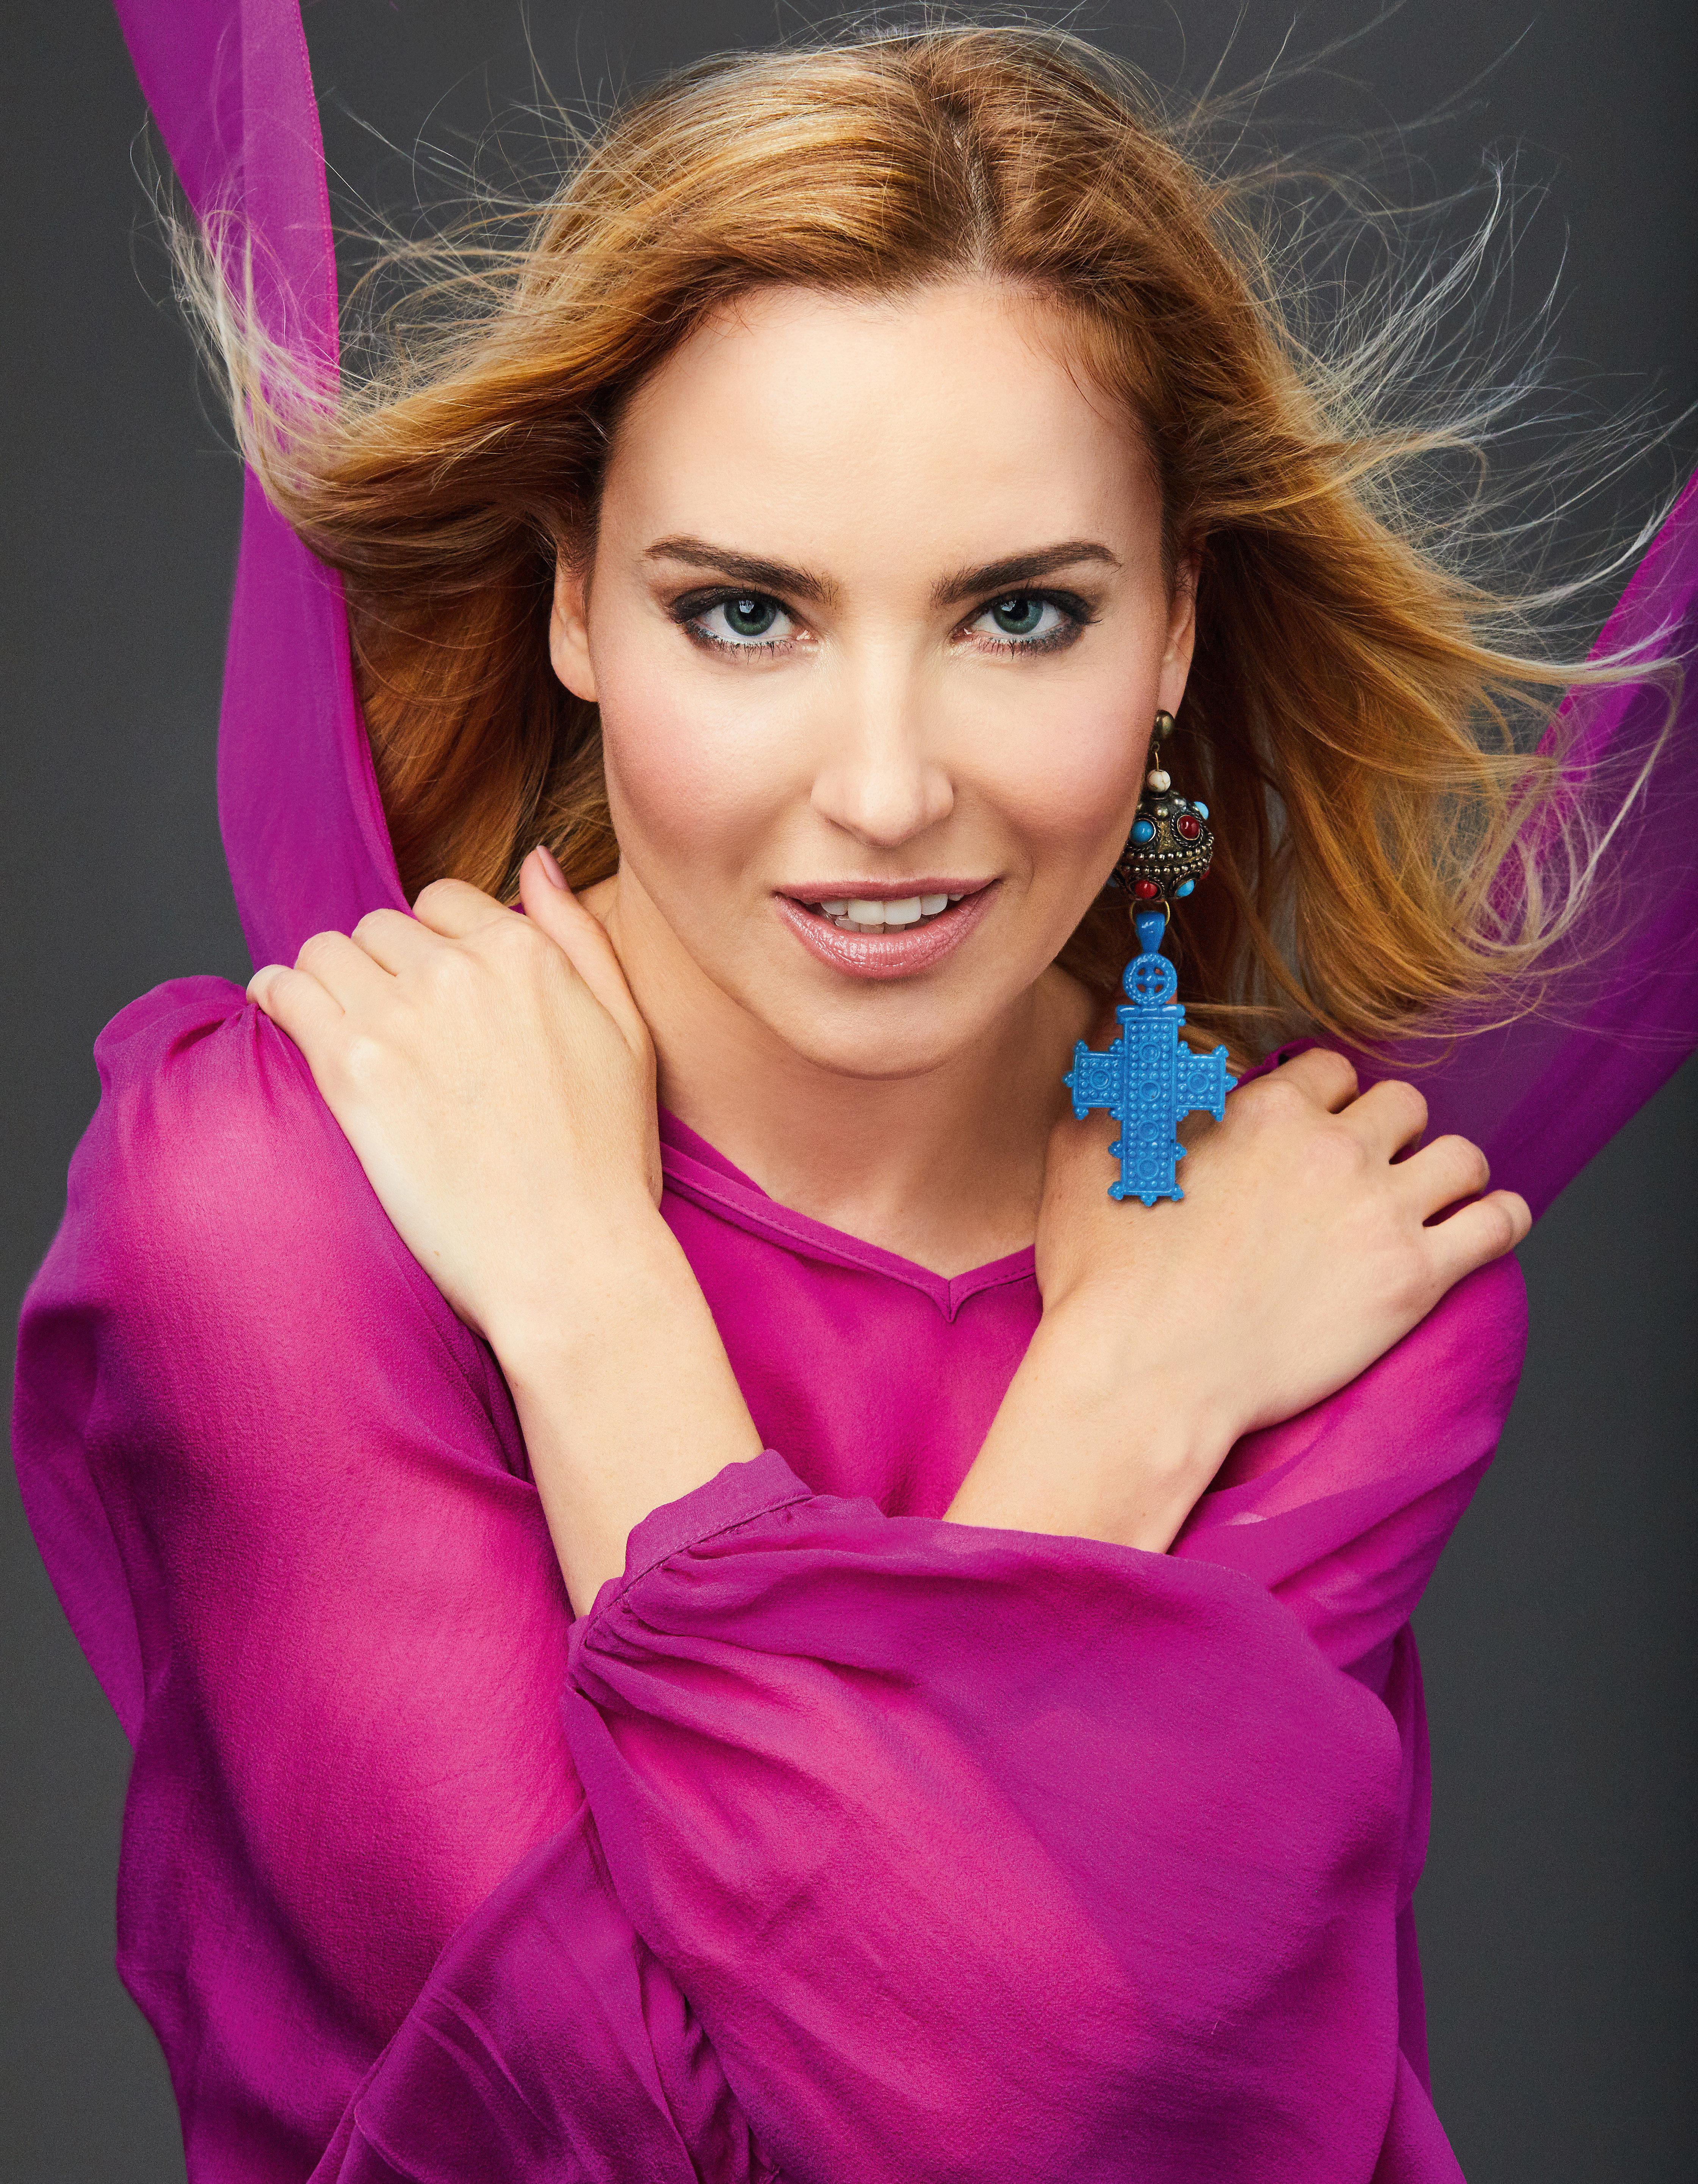 Что за актриса юлия александрова фото